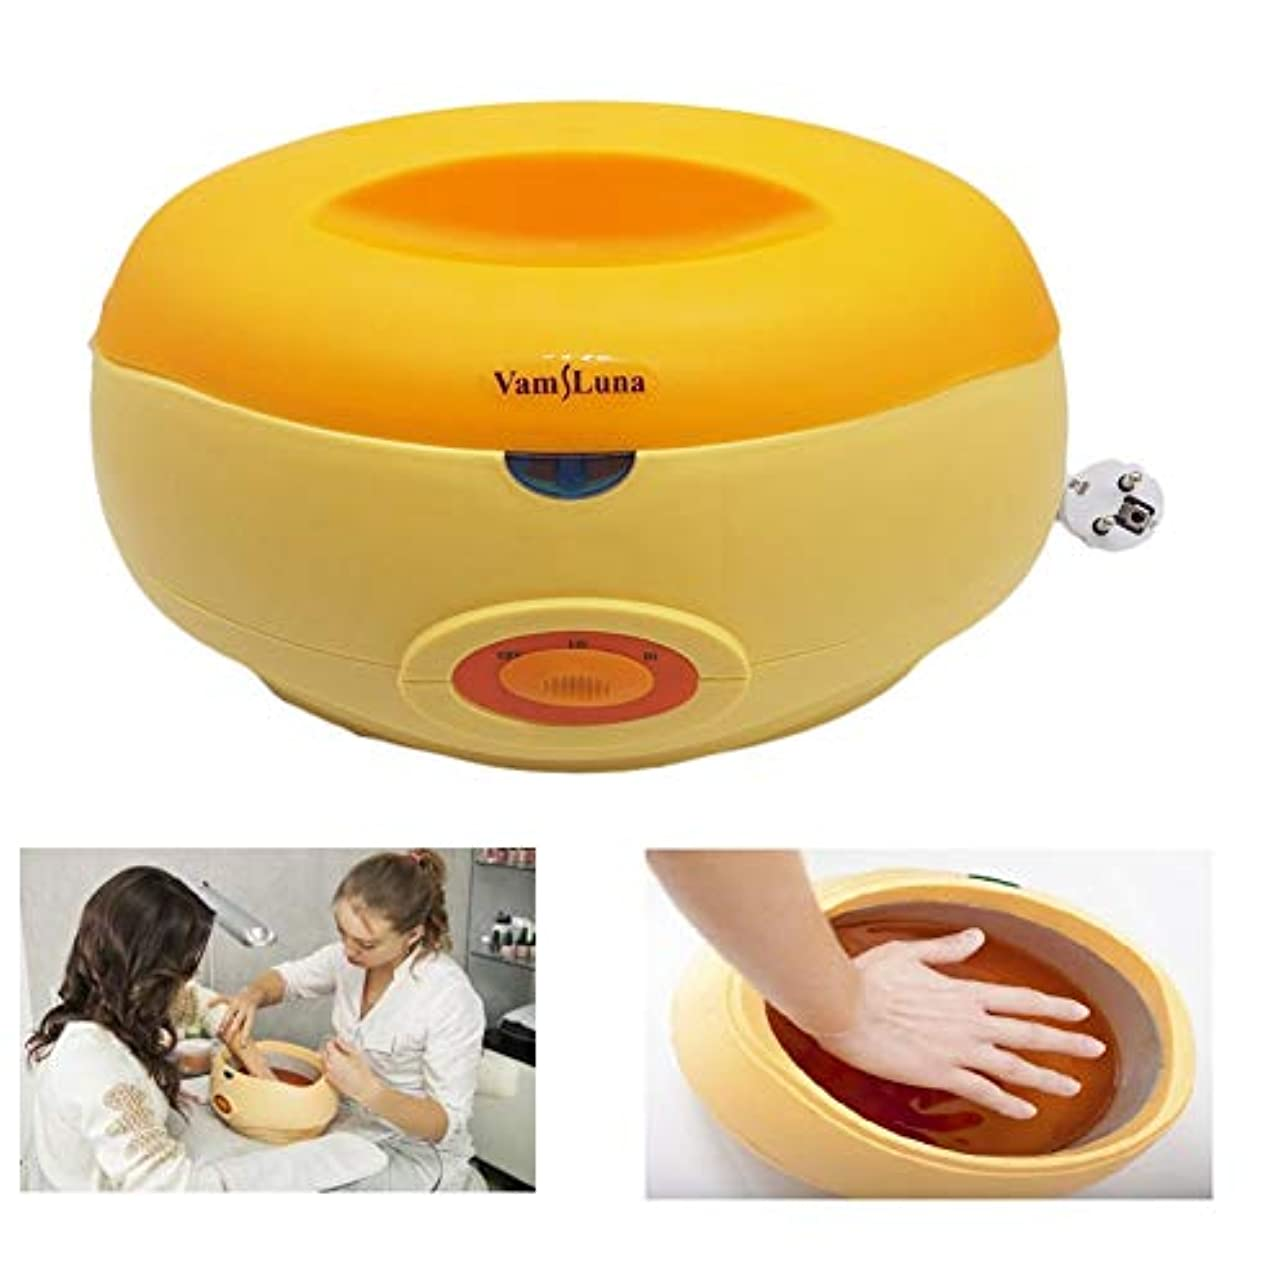 ルアー足音平和的パラフィンワックスウォーマーポット2200 ML熱パラフィン浴熱療法顔、手、足&脱毛